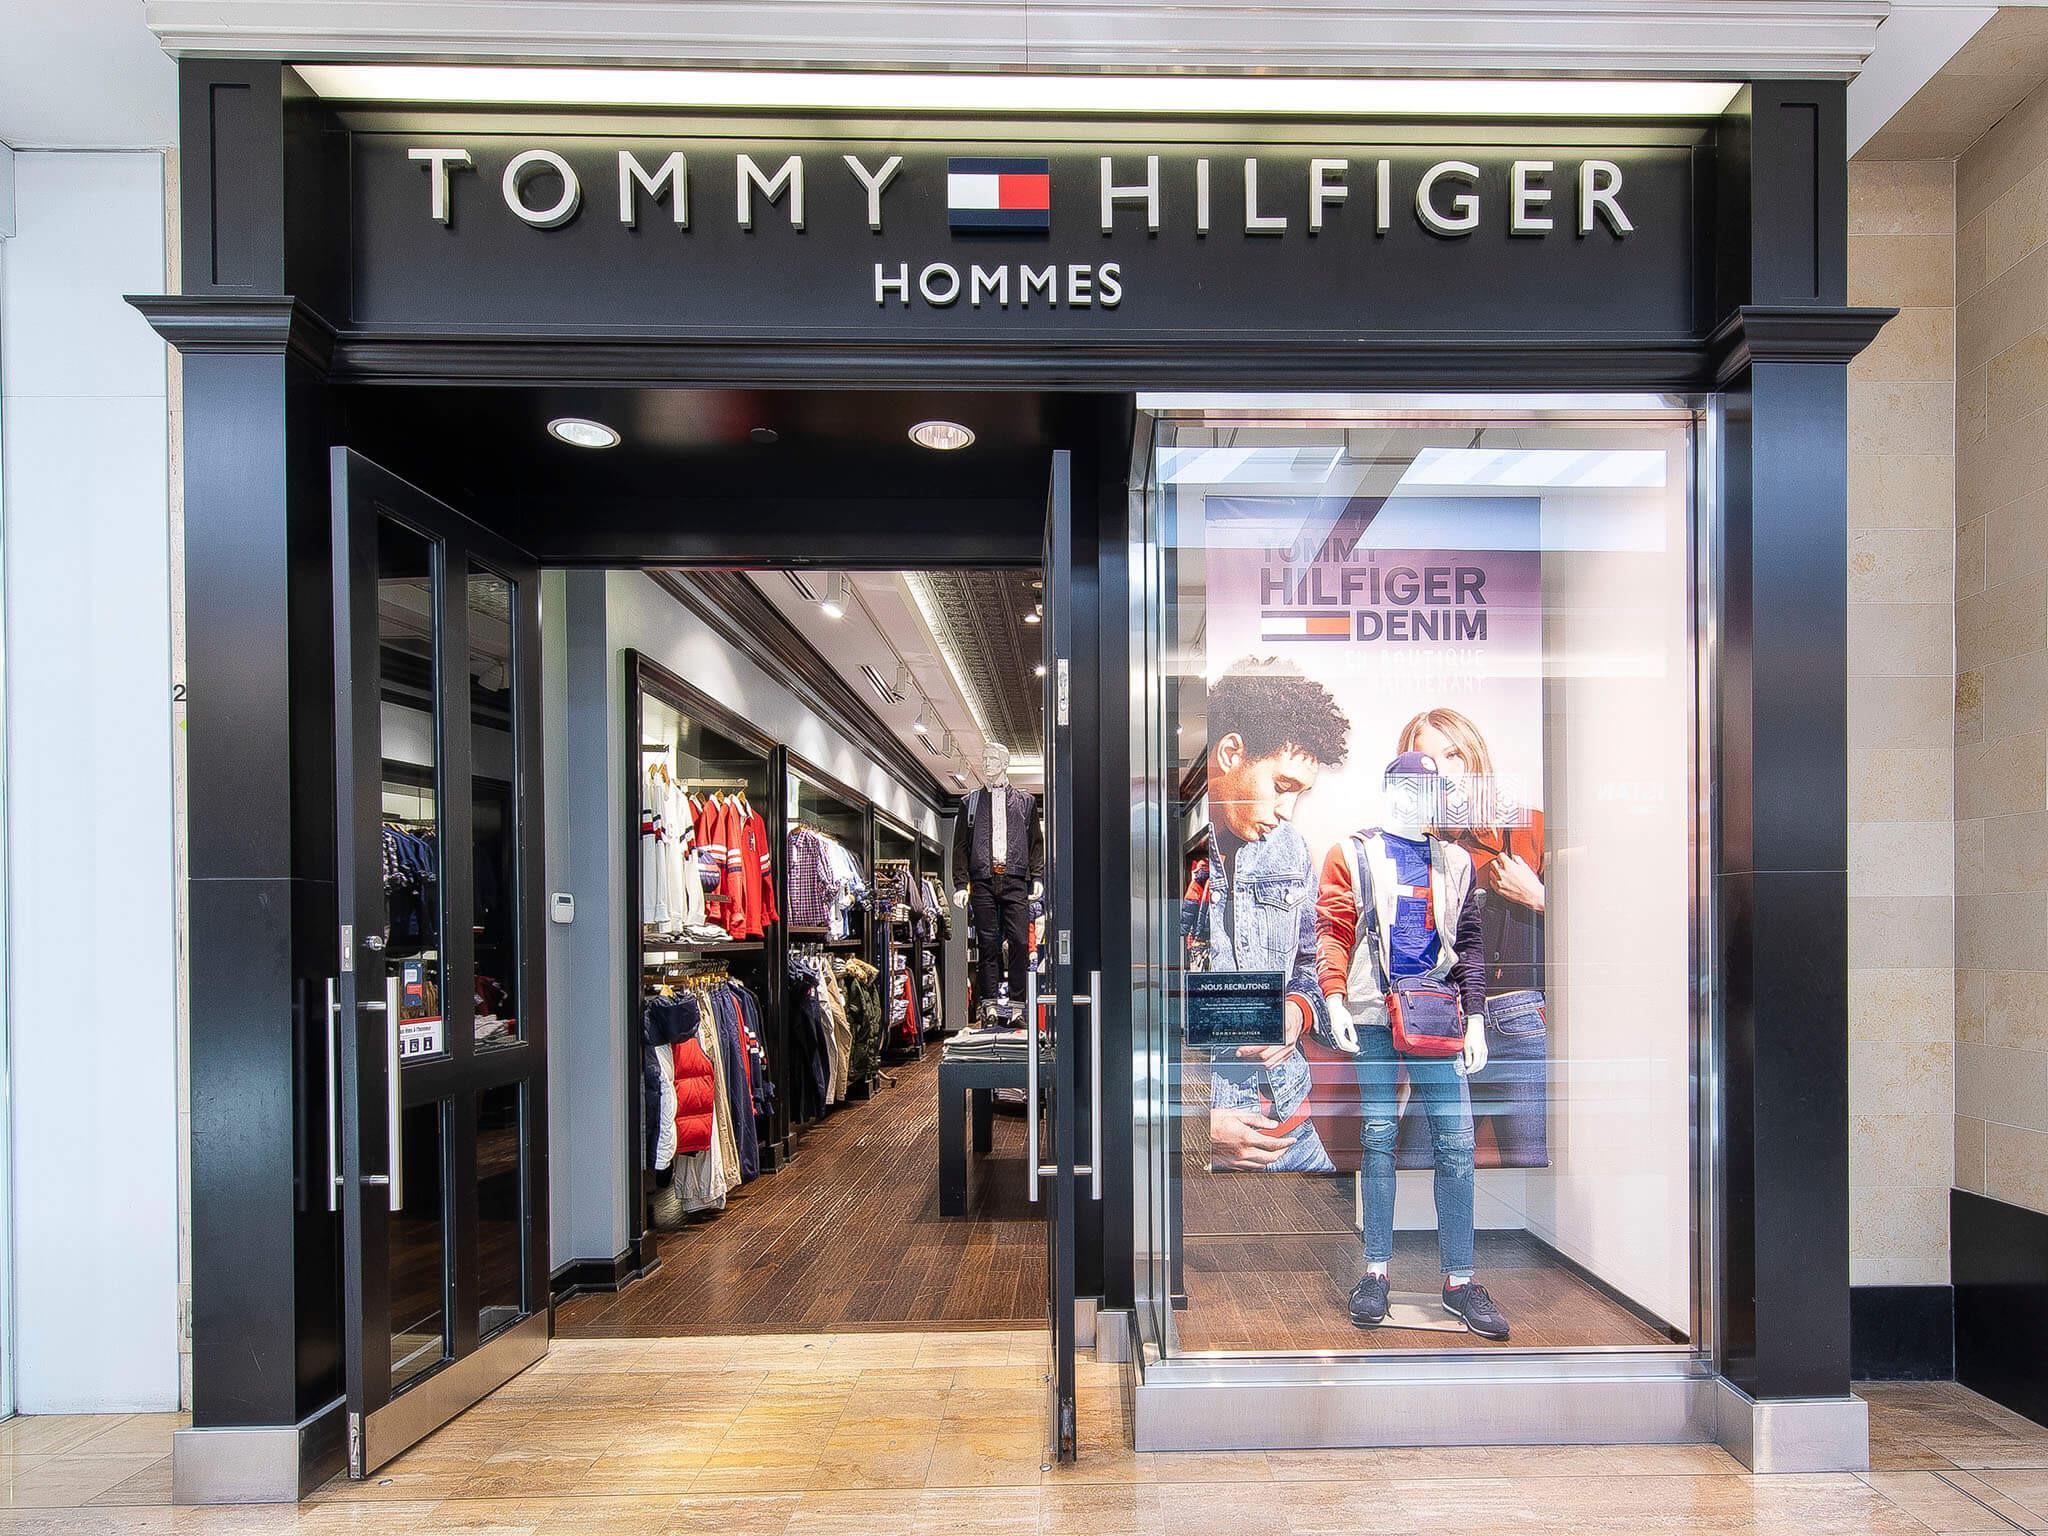 Tommy Hilfiger Hommes - Rockland